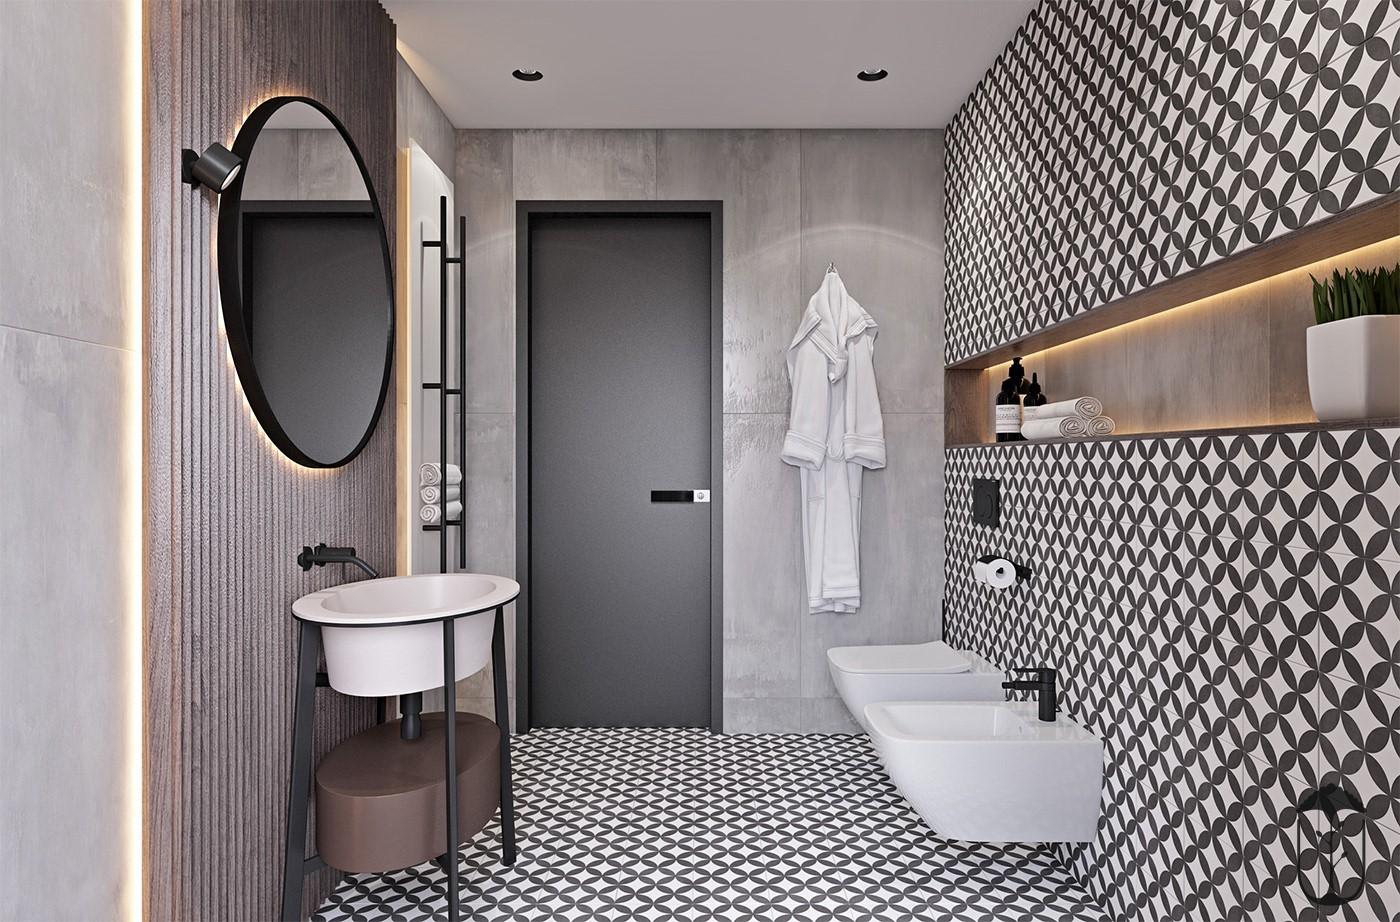 2020工业卫生间装修图片 2020工业浴室柜装修图片